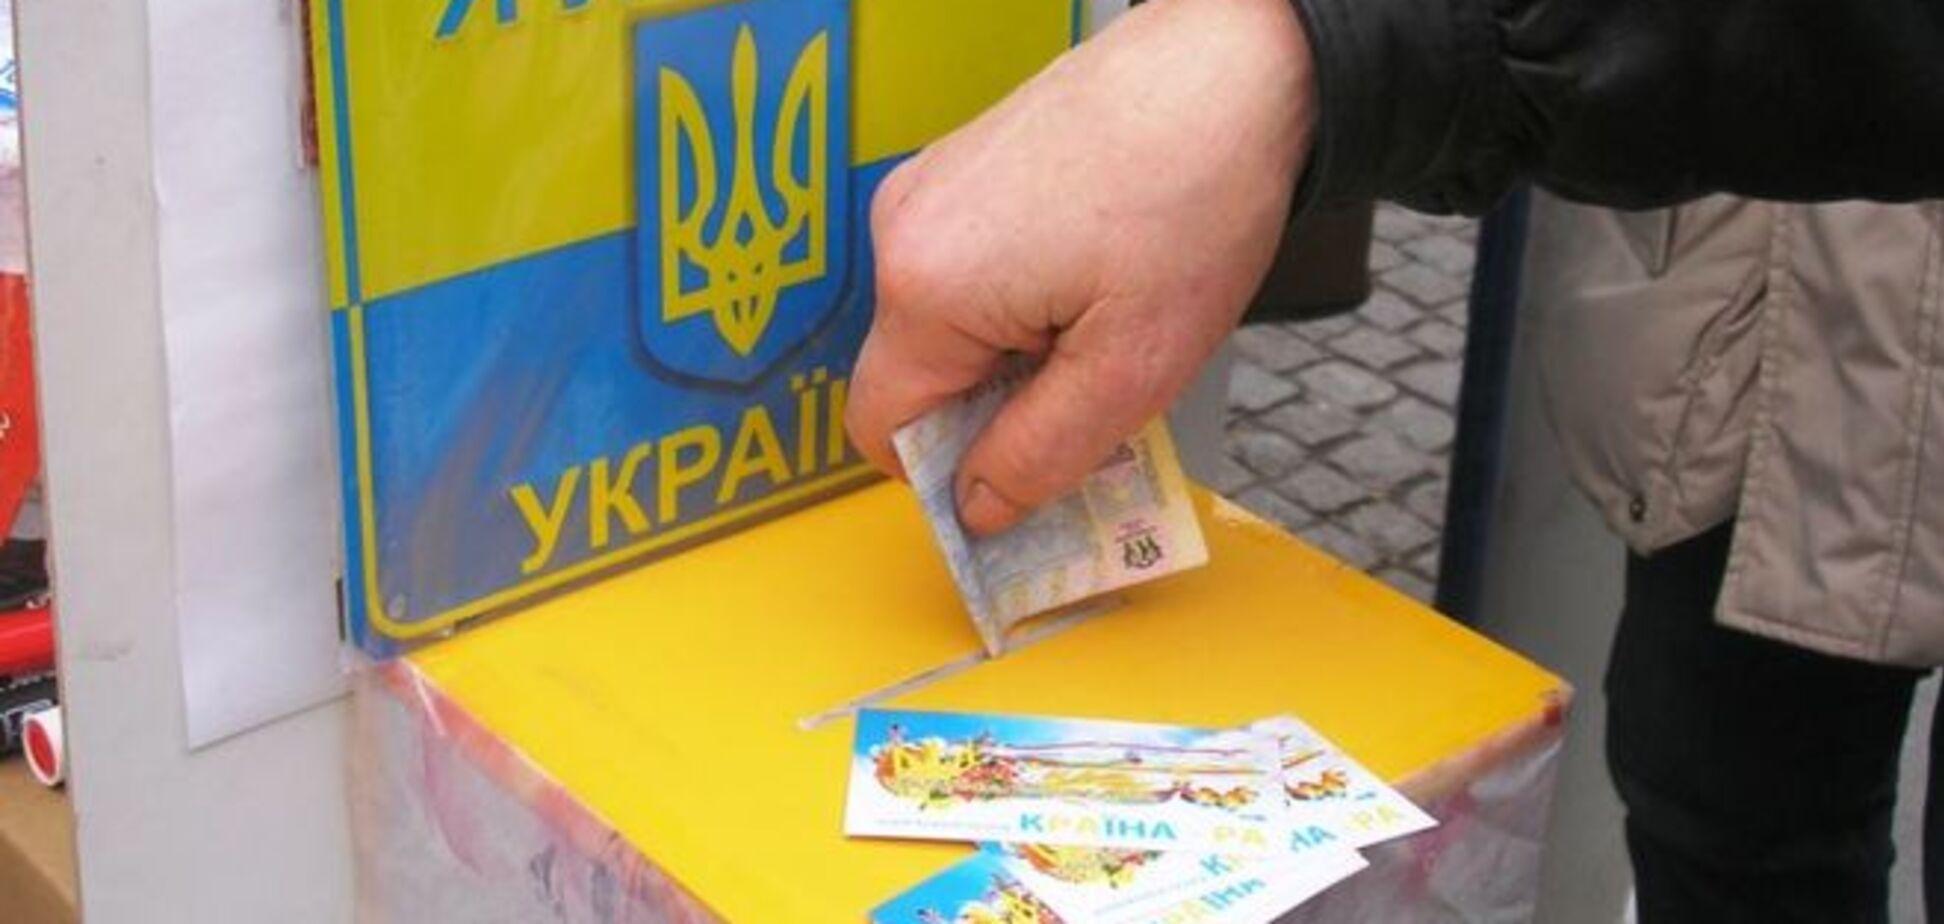 МВД обнародовало названия организаций волонтеров-мошенников